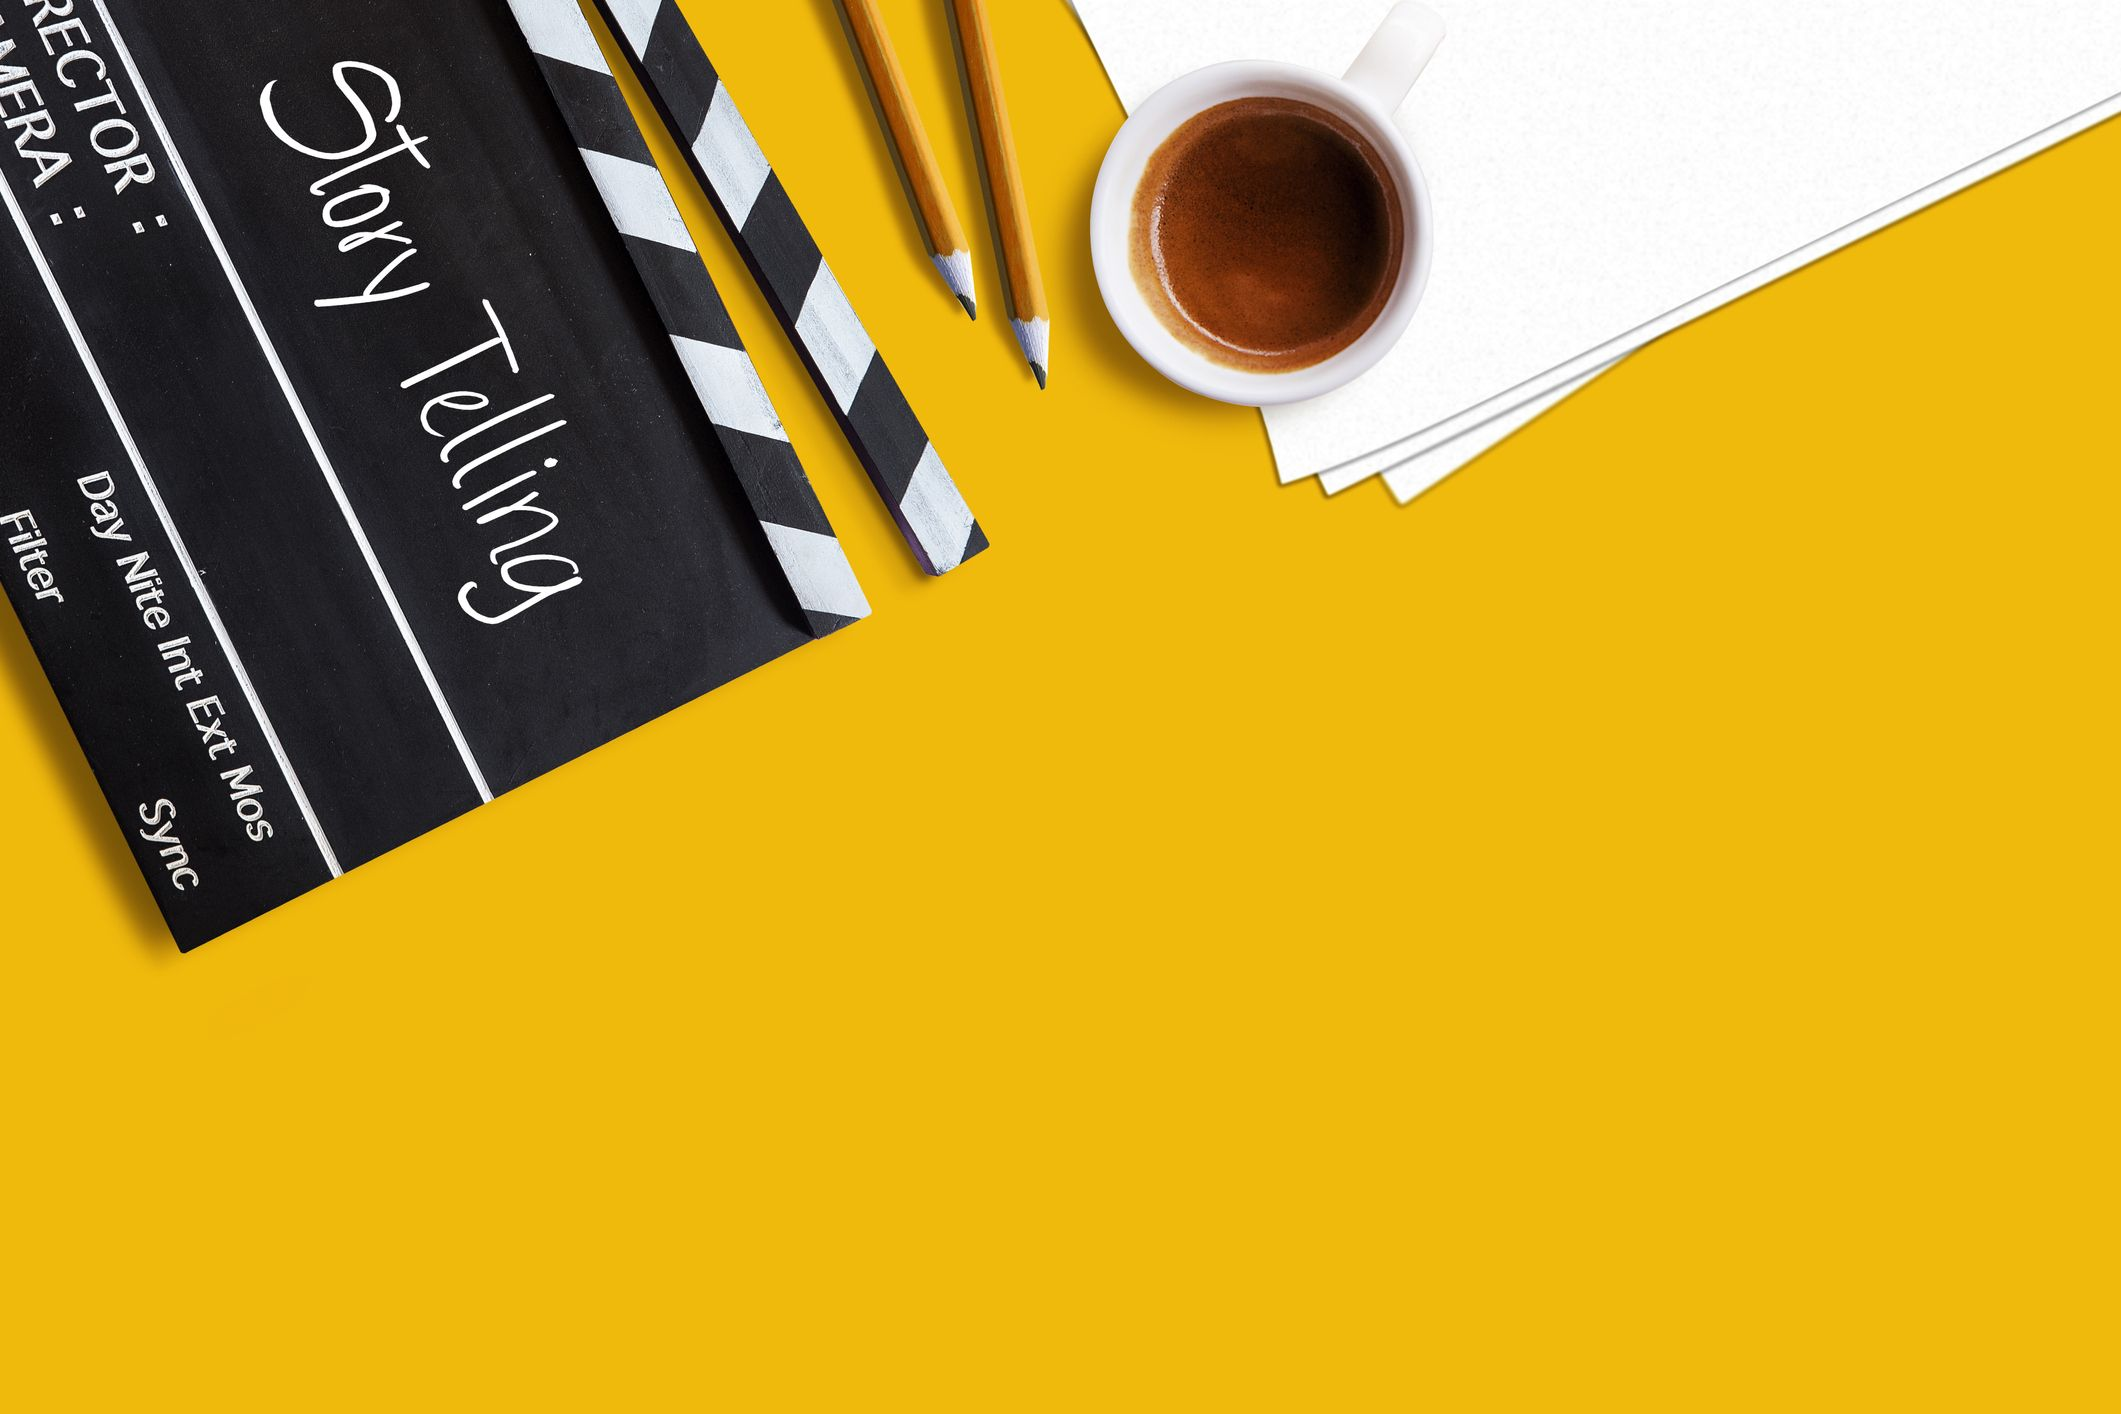 Cómo escribir un guion cinematográfico profesional